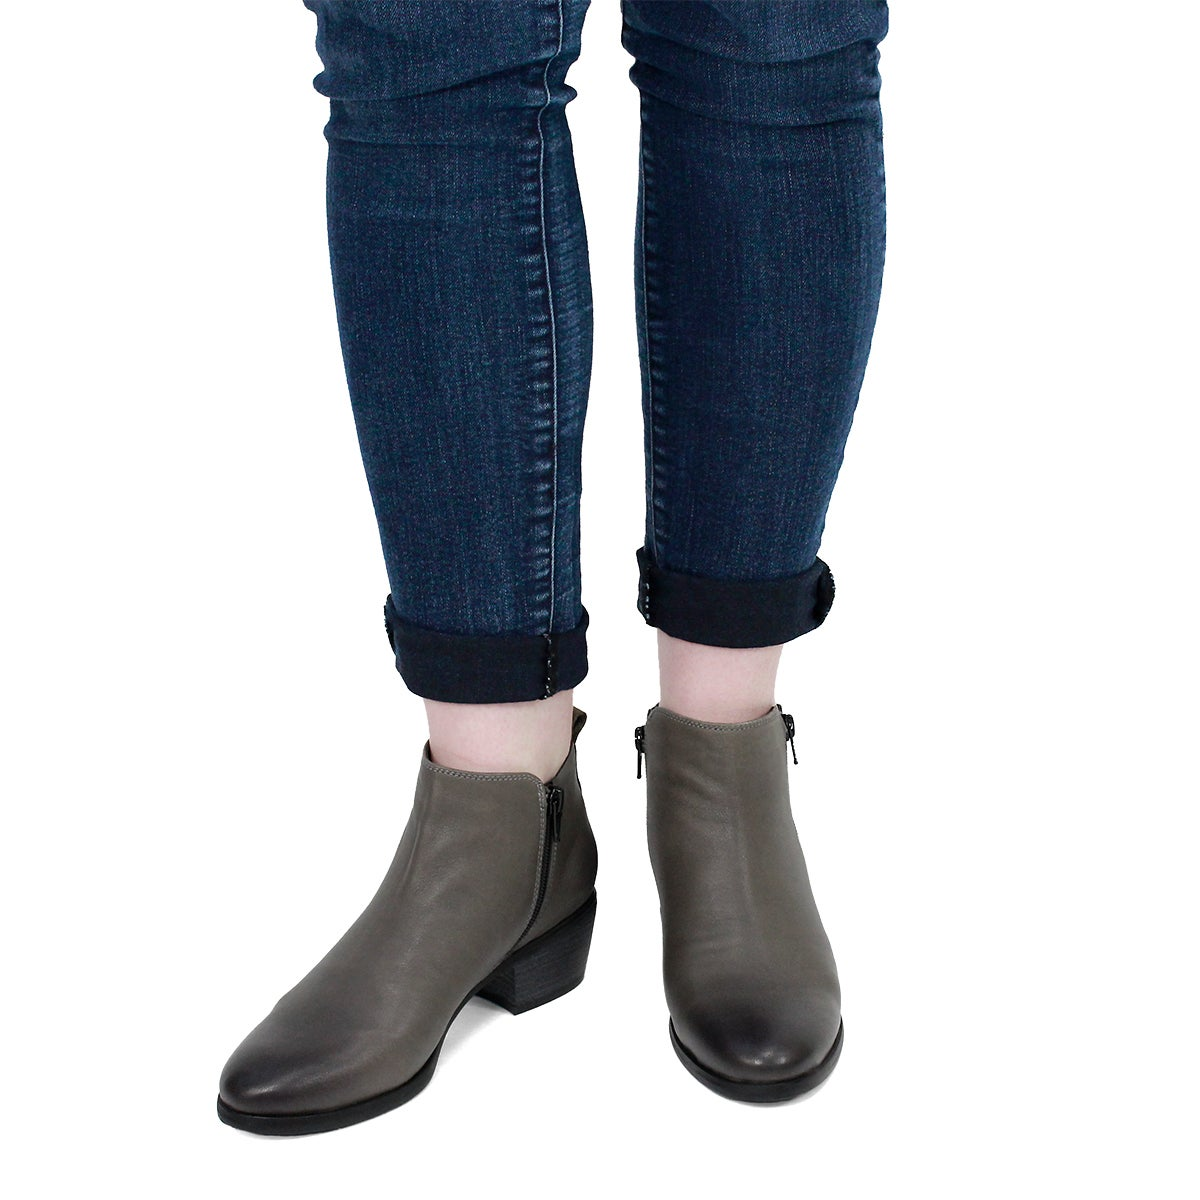 Lds Davina dk gry double side zip bootie